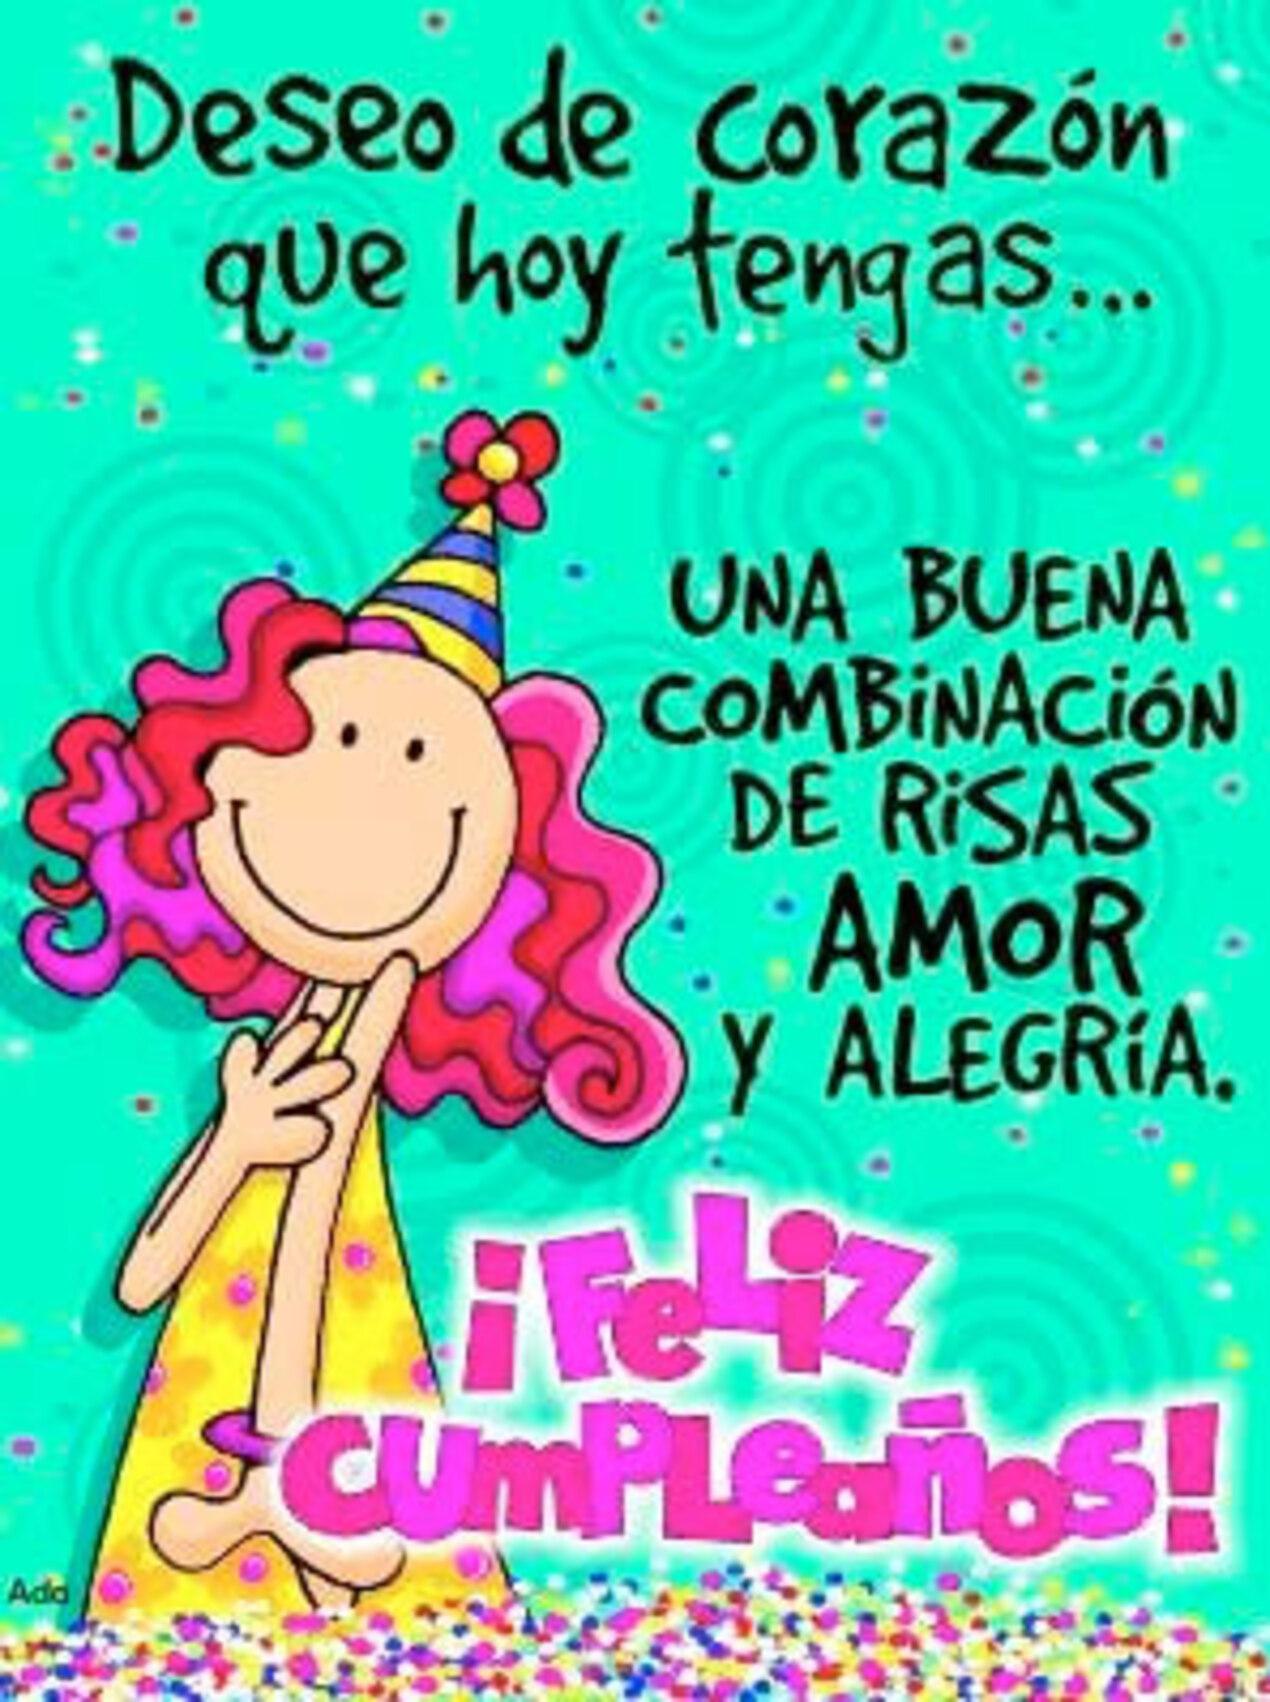 Deseo de corazón que hoy tengas una buena combinación de risas amor y alegría! Feliz cumpleaños